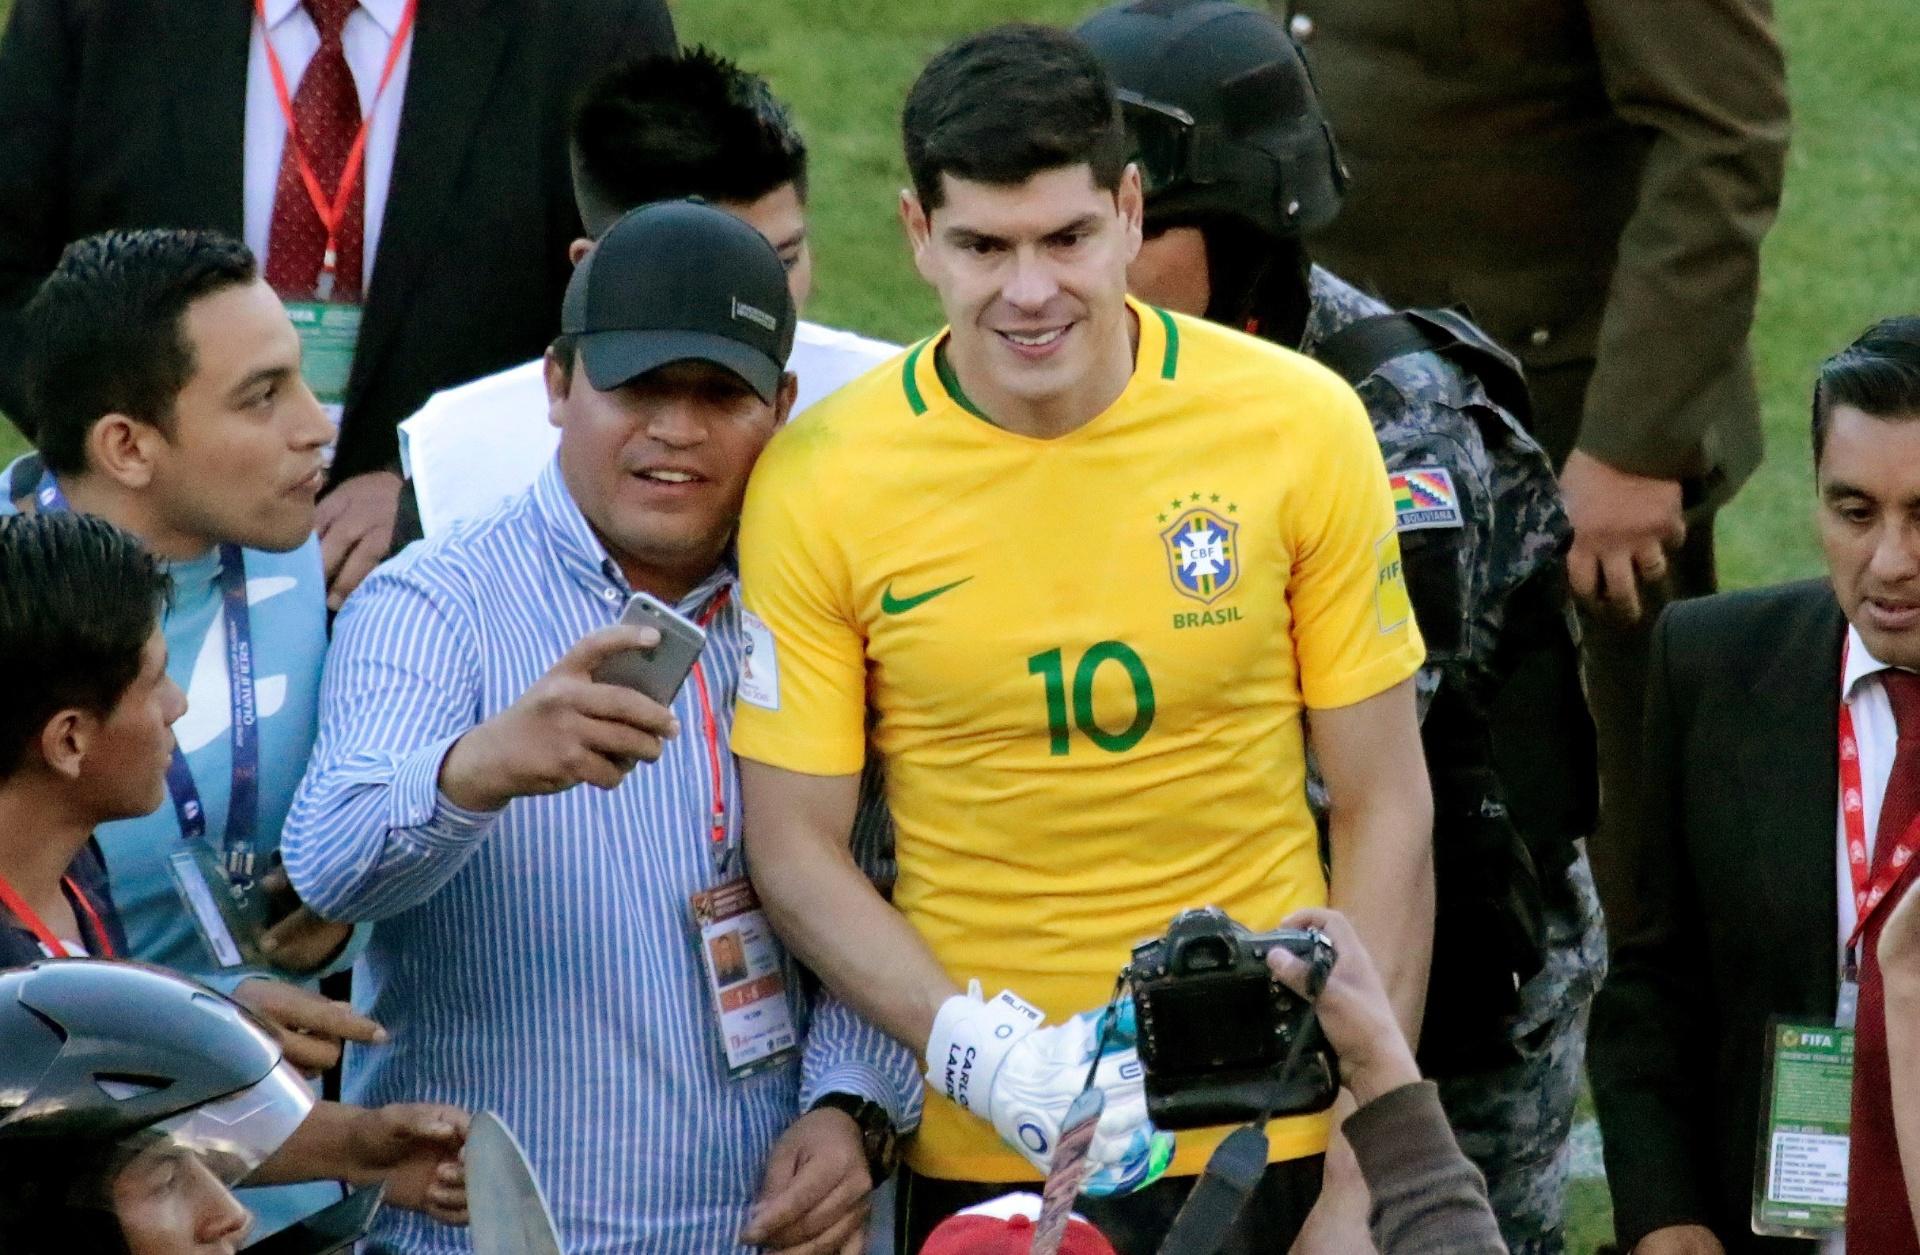 Goleiro ganha camisa de Neymar após brilhar e elogia humildade do Brasil -  05 10 2017 - UOL Esporte bd03c4835a165